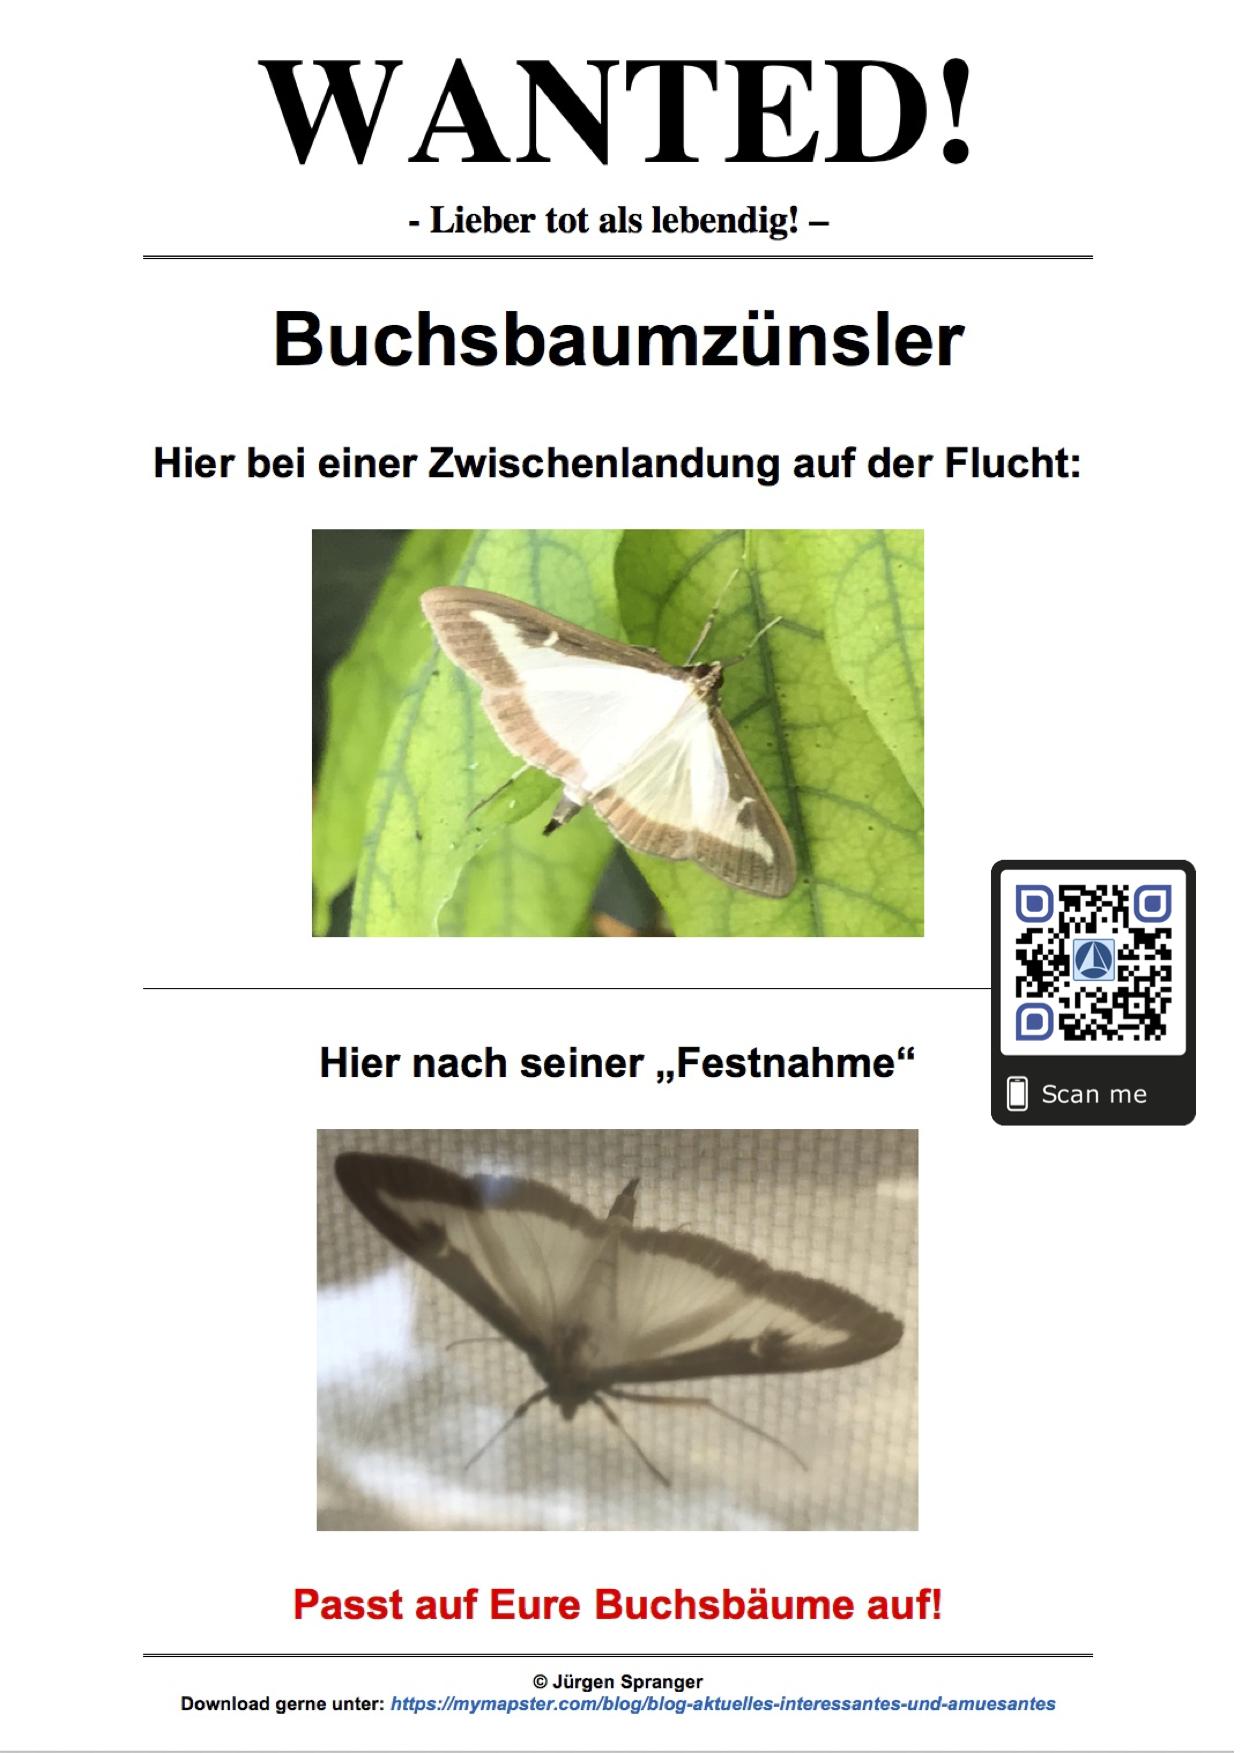 Fahndungsplakat Buchsbaumzünsler (mymapster.com)